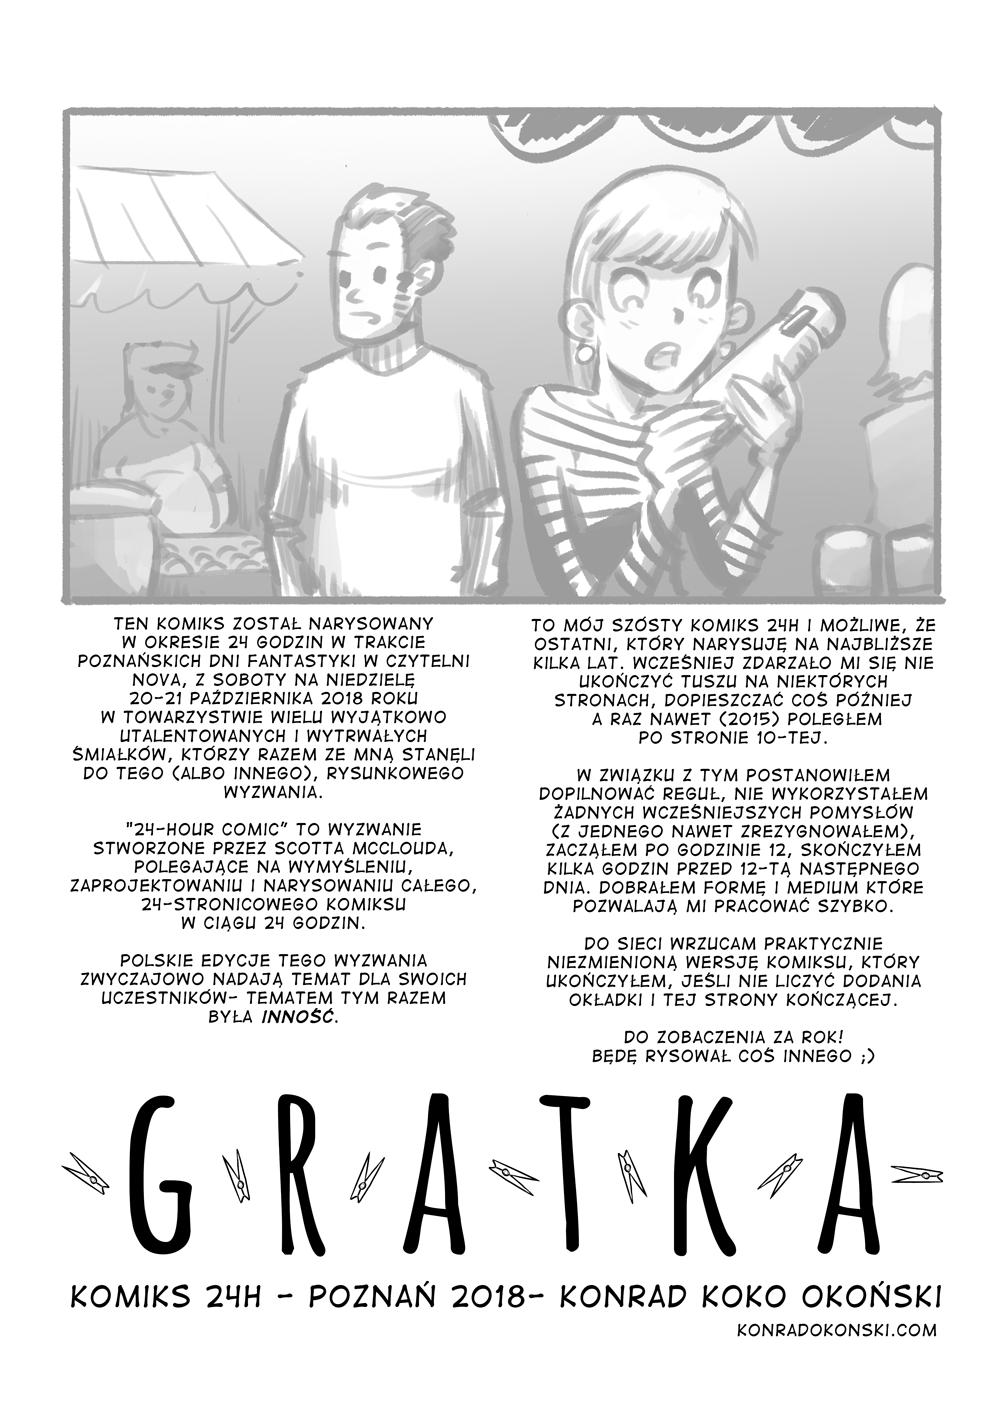 Gratka – komiks 24h – posłowie